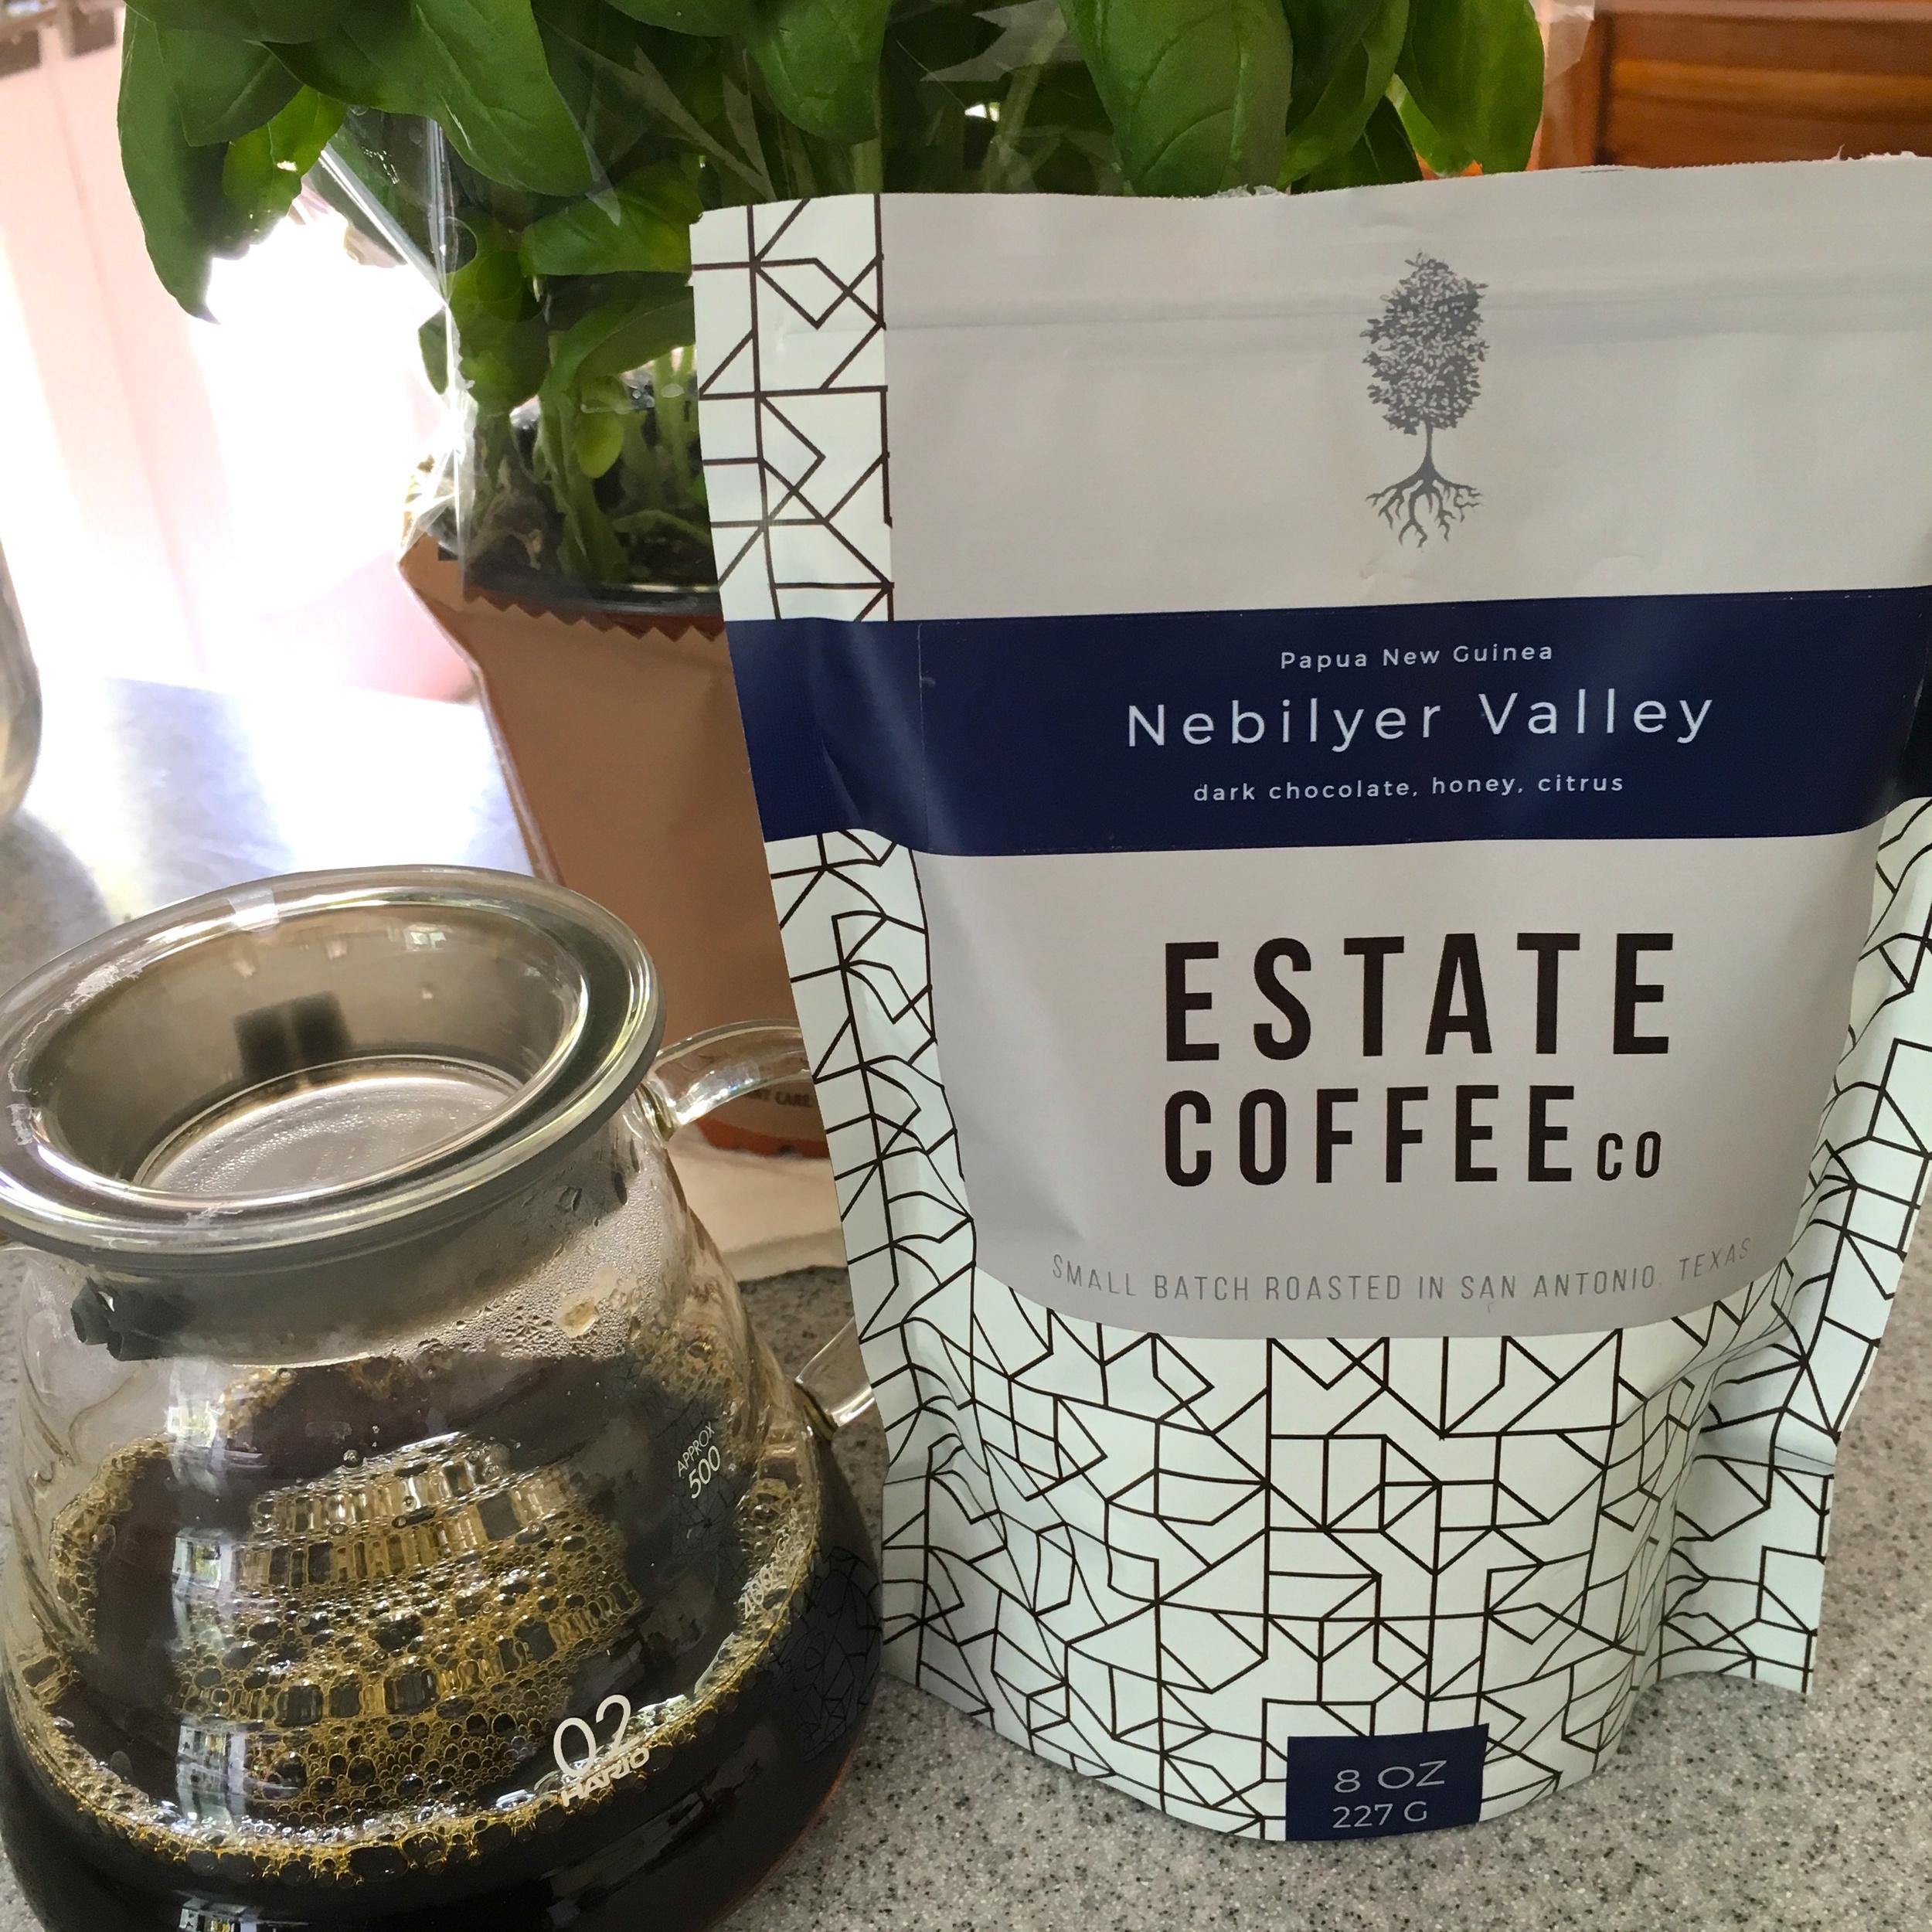 Coffee yield via Hario V60 Method